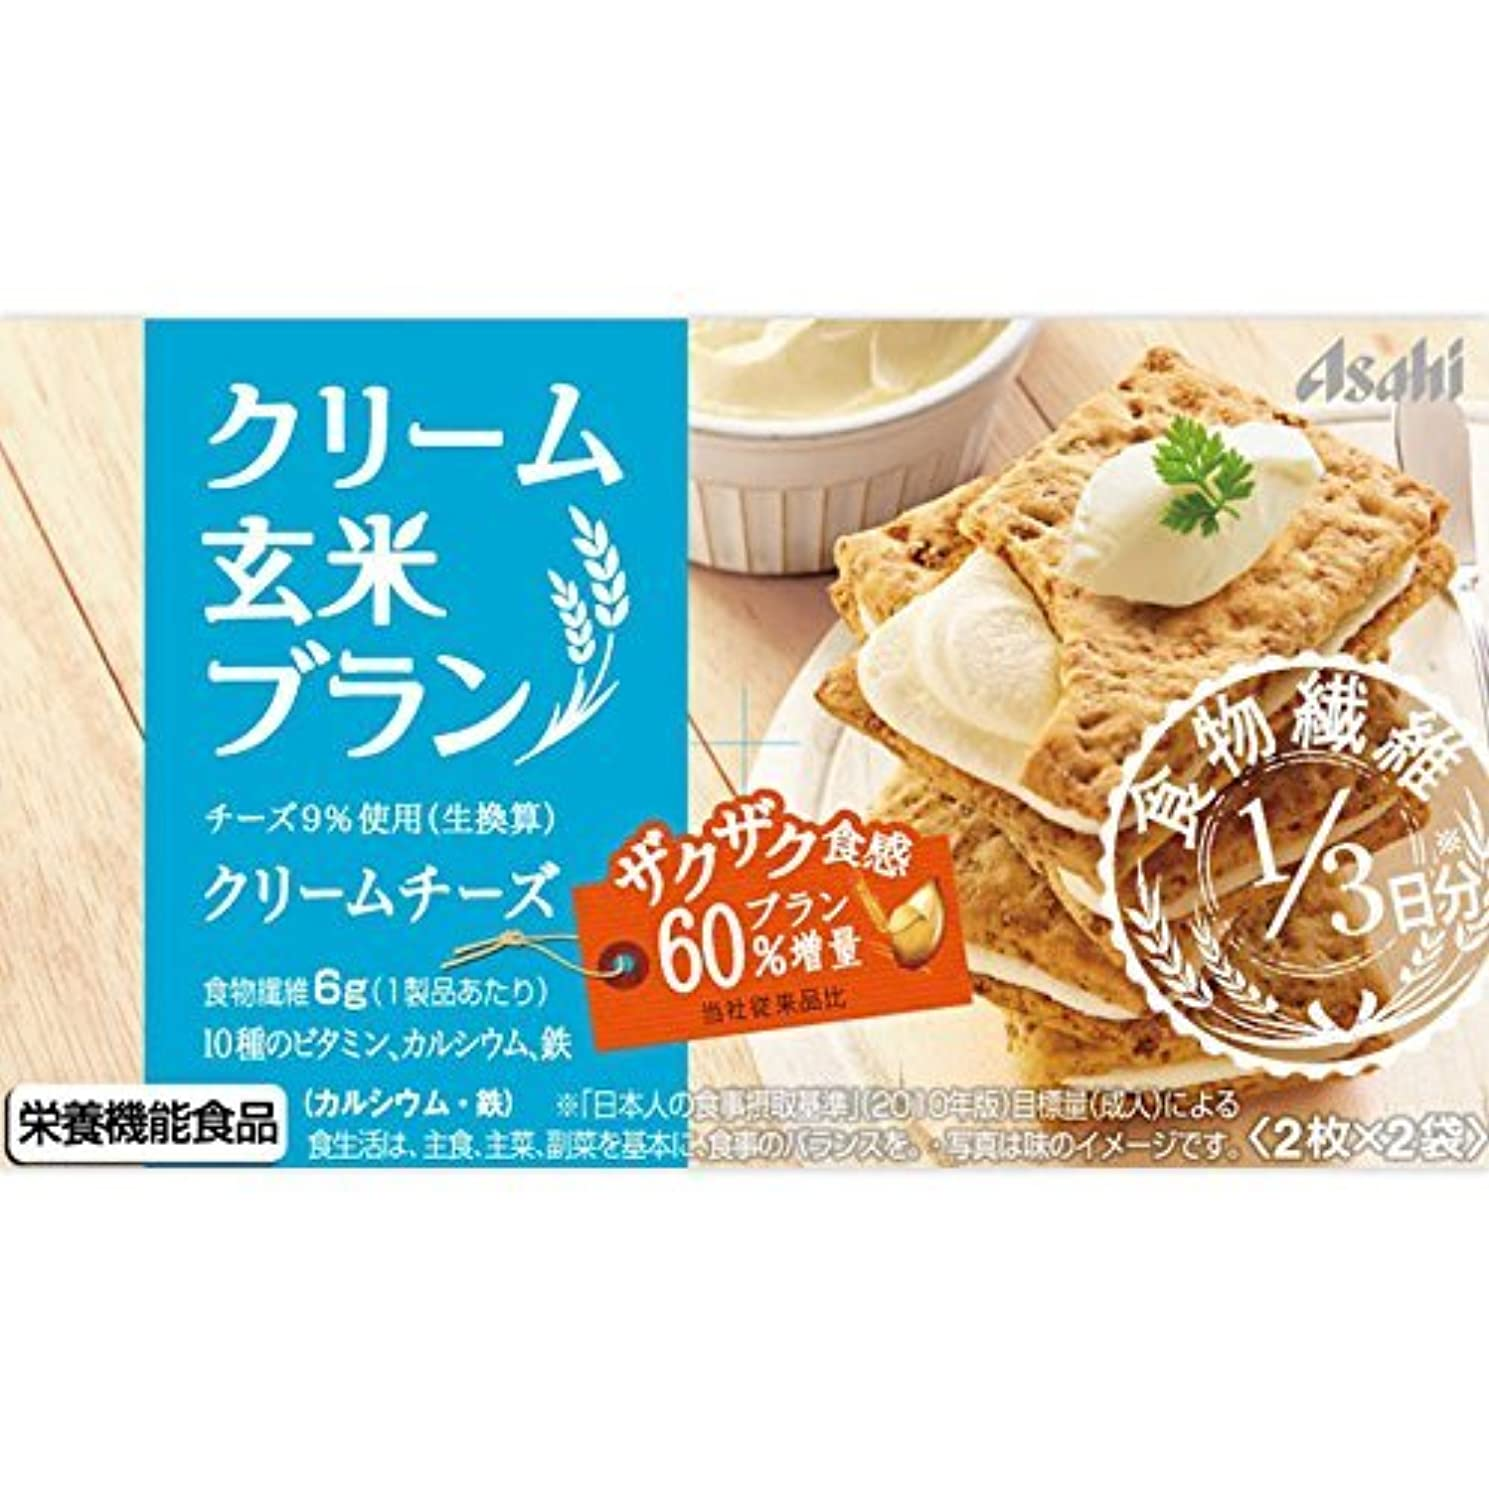 今日水分幹アサヒフードアンドヘルスケア バランスアップ クリーム玄米ブラン クリームチーズ 2枚X2袋